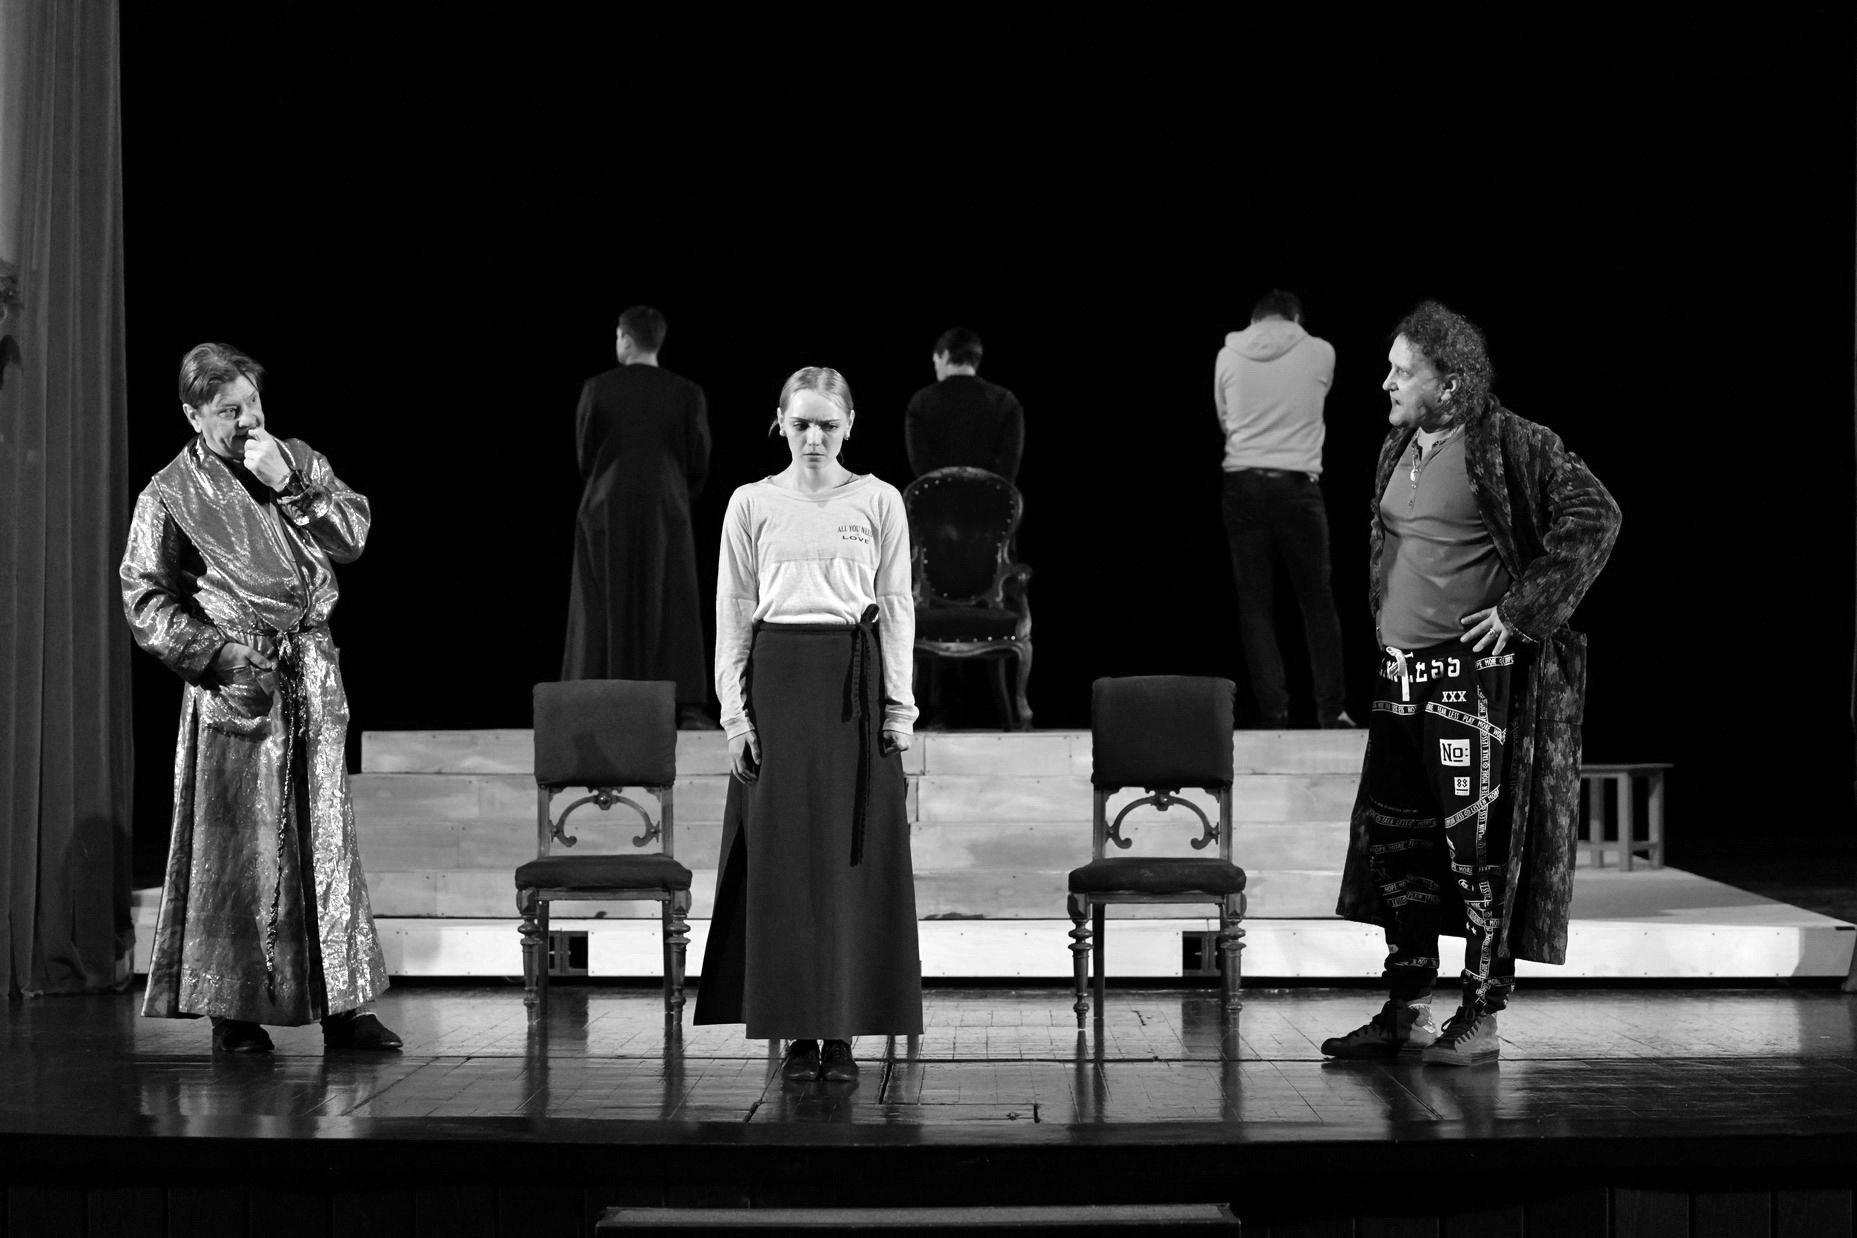 билеты театра оперы и балета екатеринбург